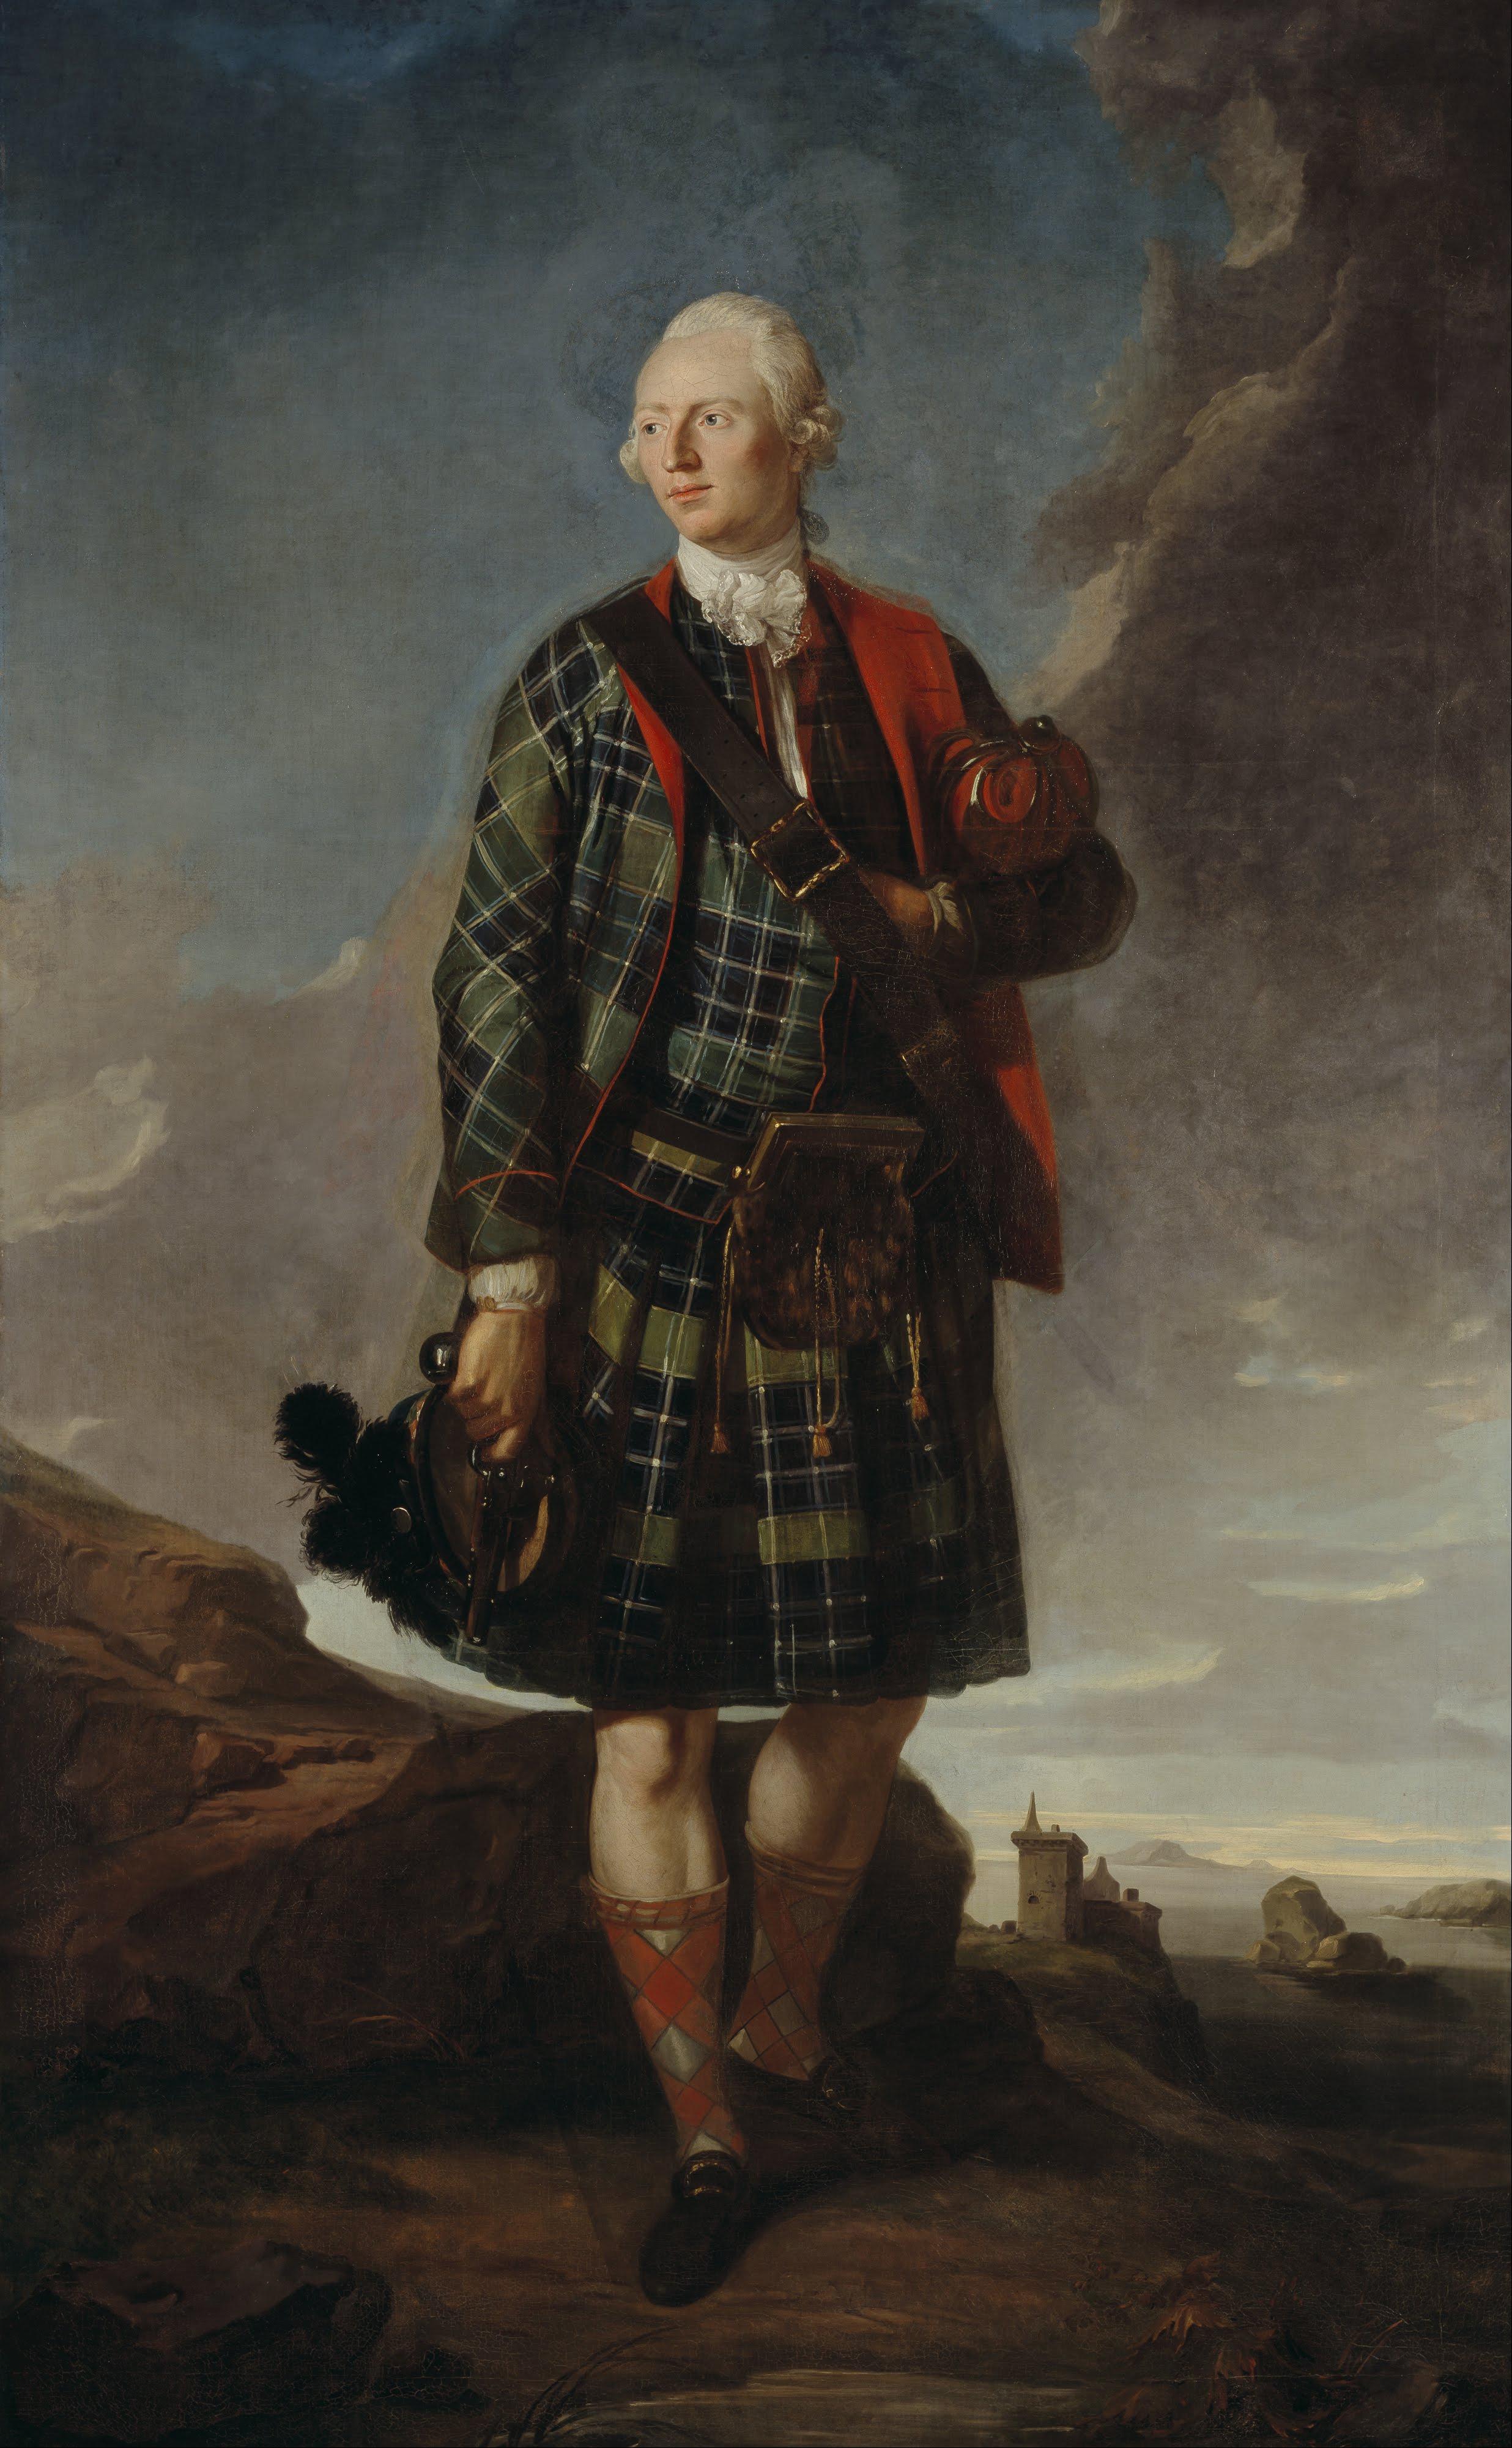 или картинки шотландцев художниками шотландии люди сих